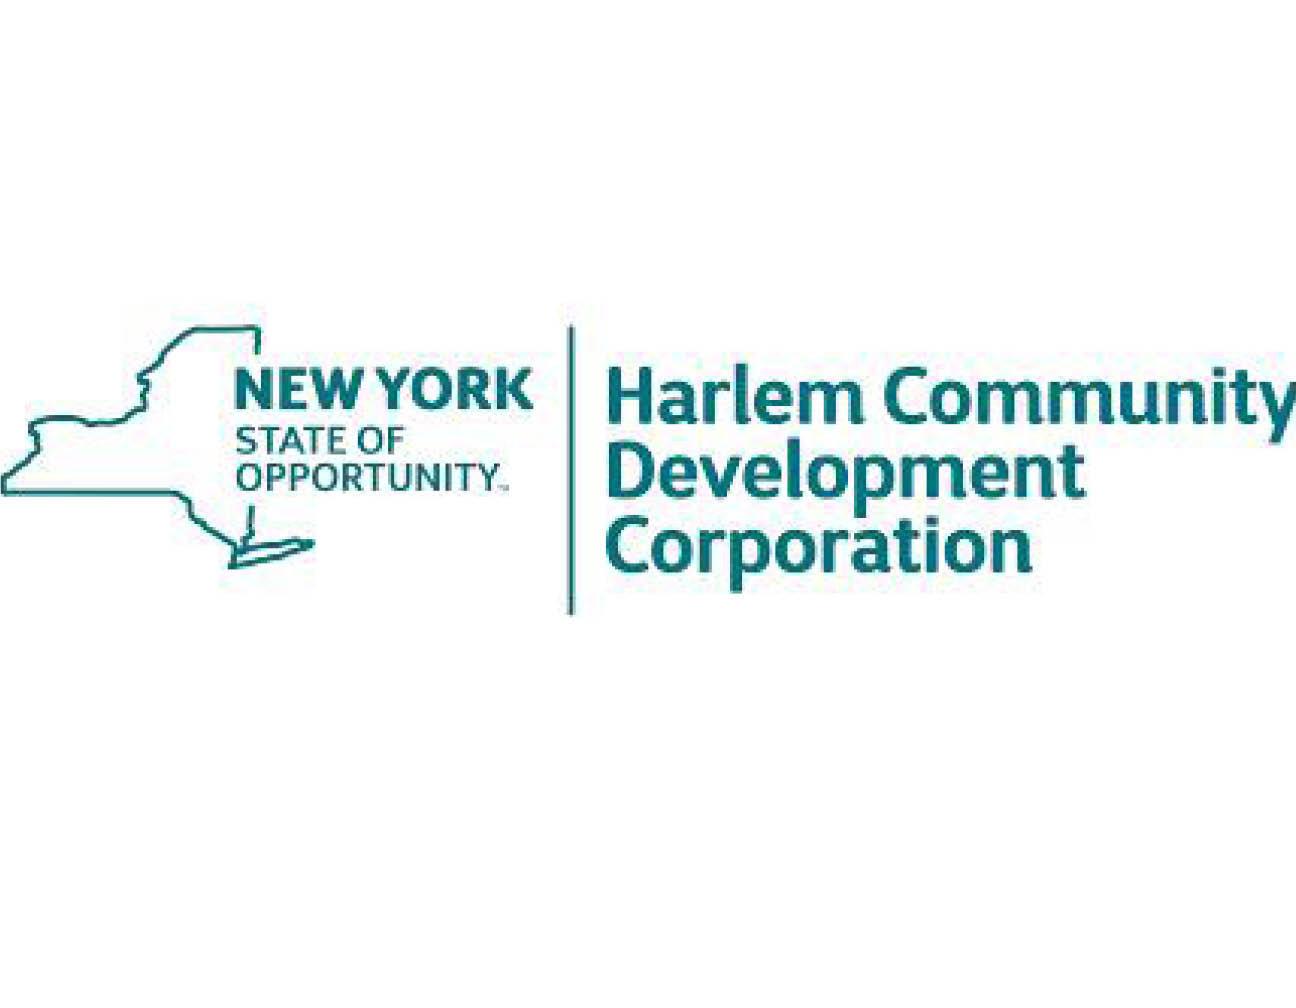 Harlem Community Corp.jpg